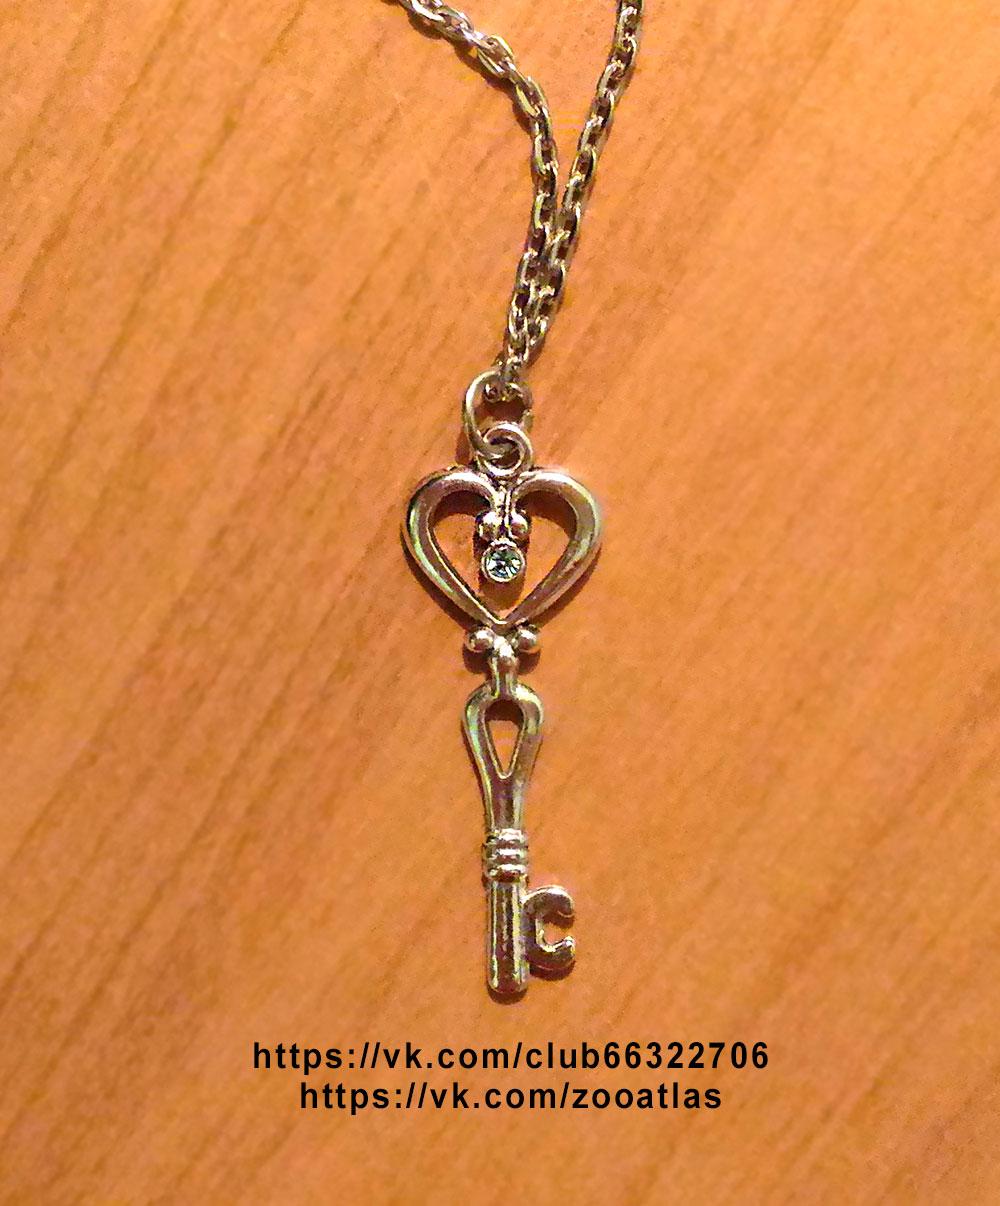 кулон с серебряным ключиком